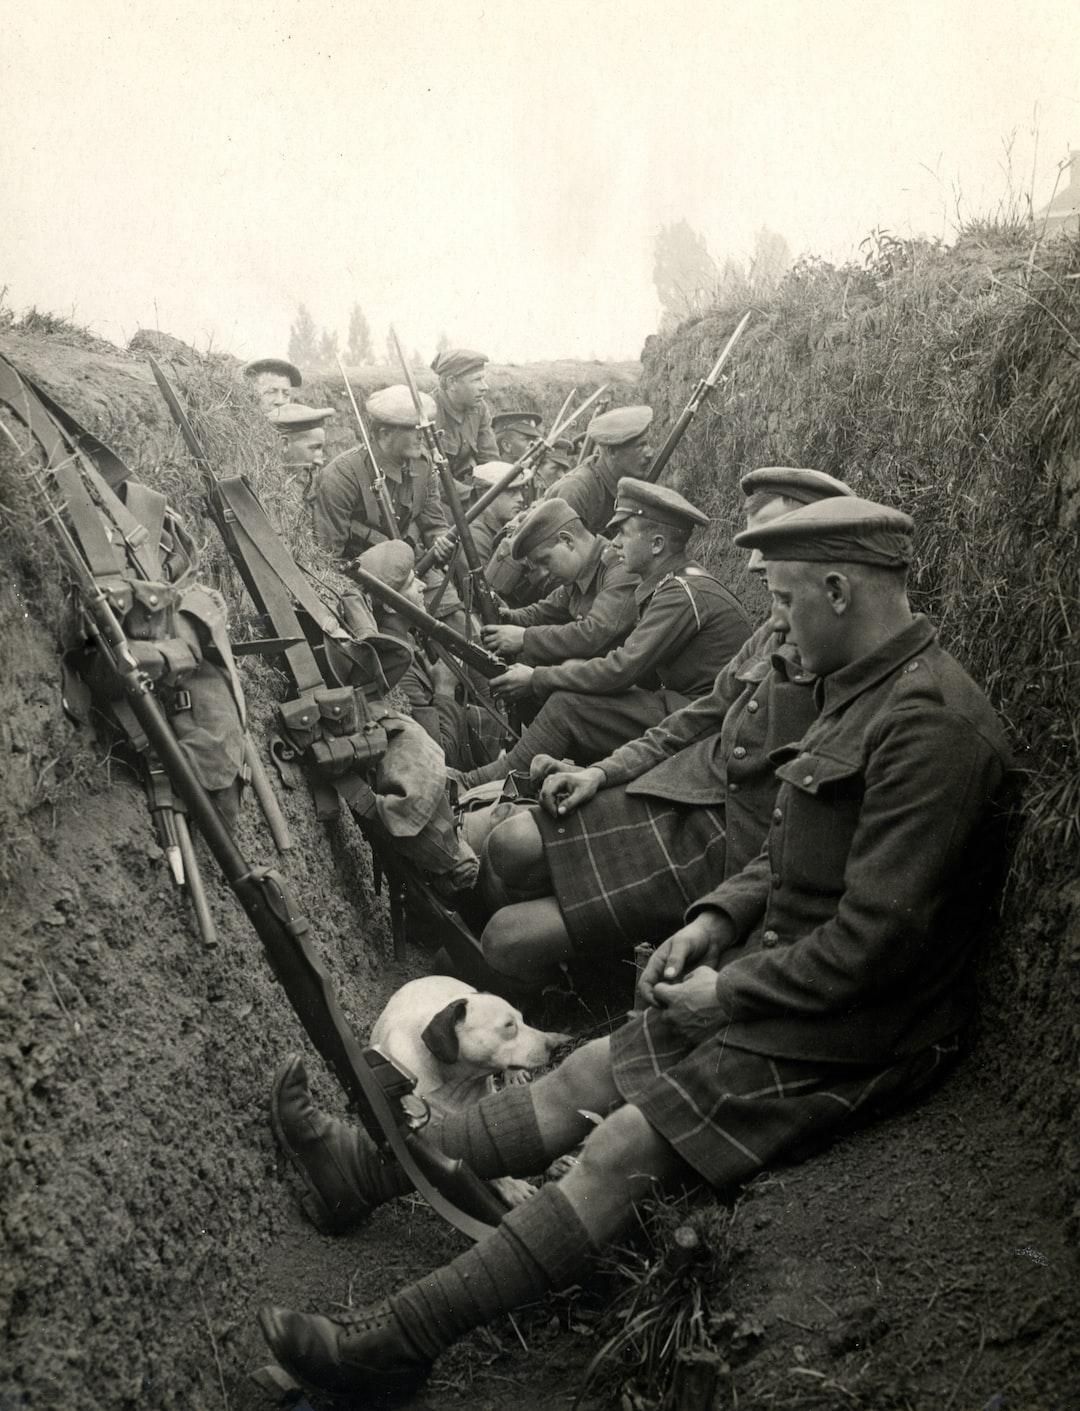 1914, World War 1. Highland Territorials in a trench. Photographer: H. D. Girdwood.